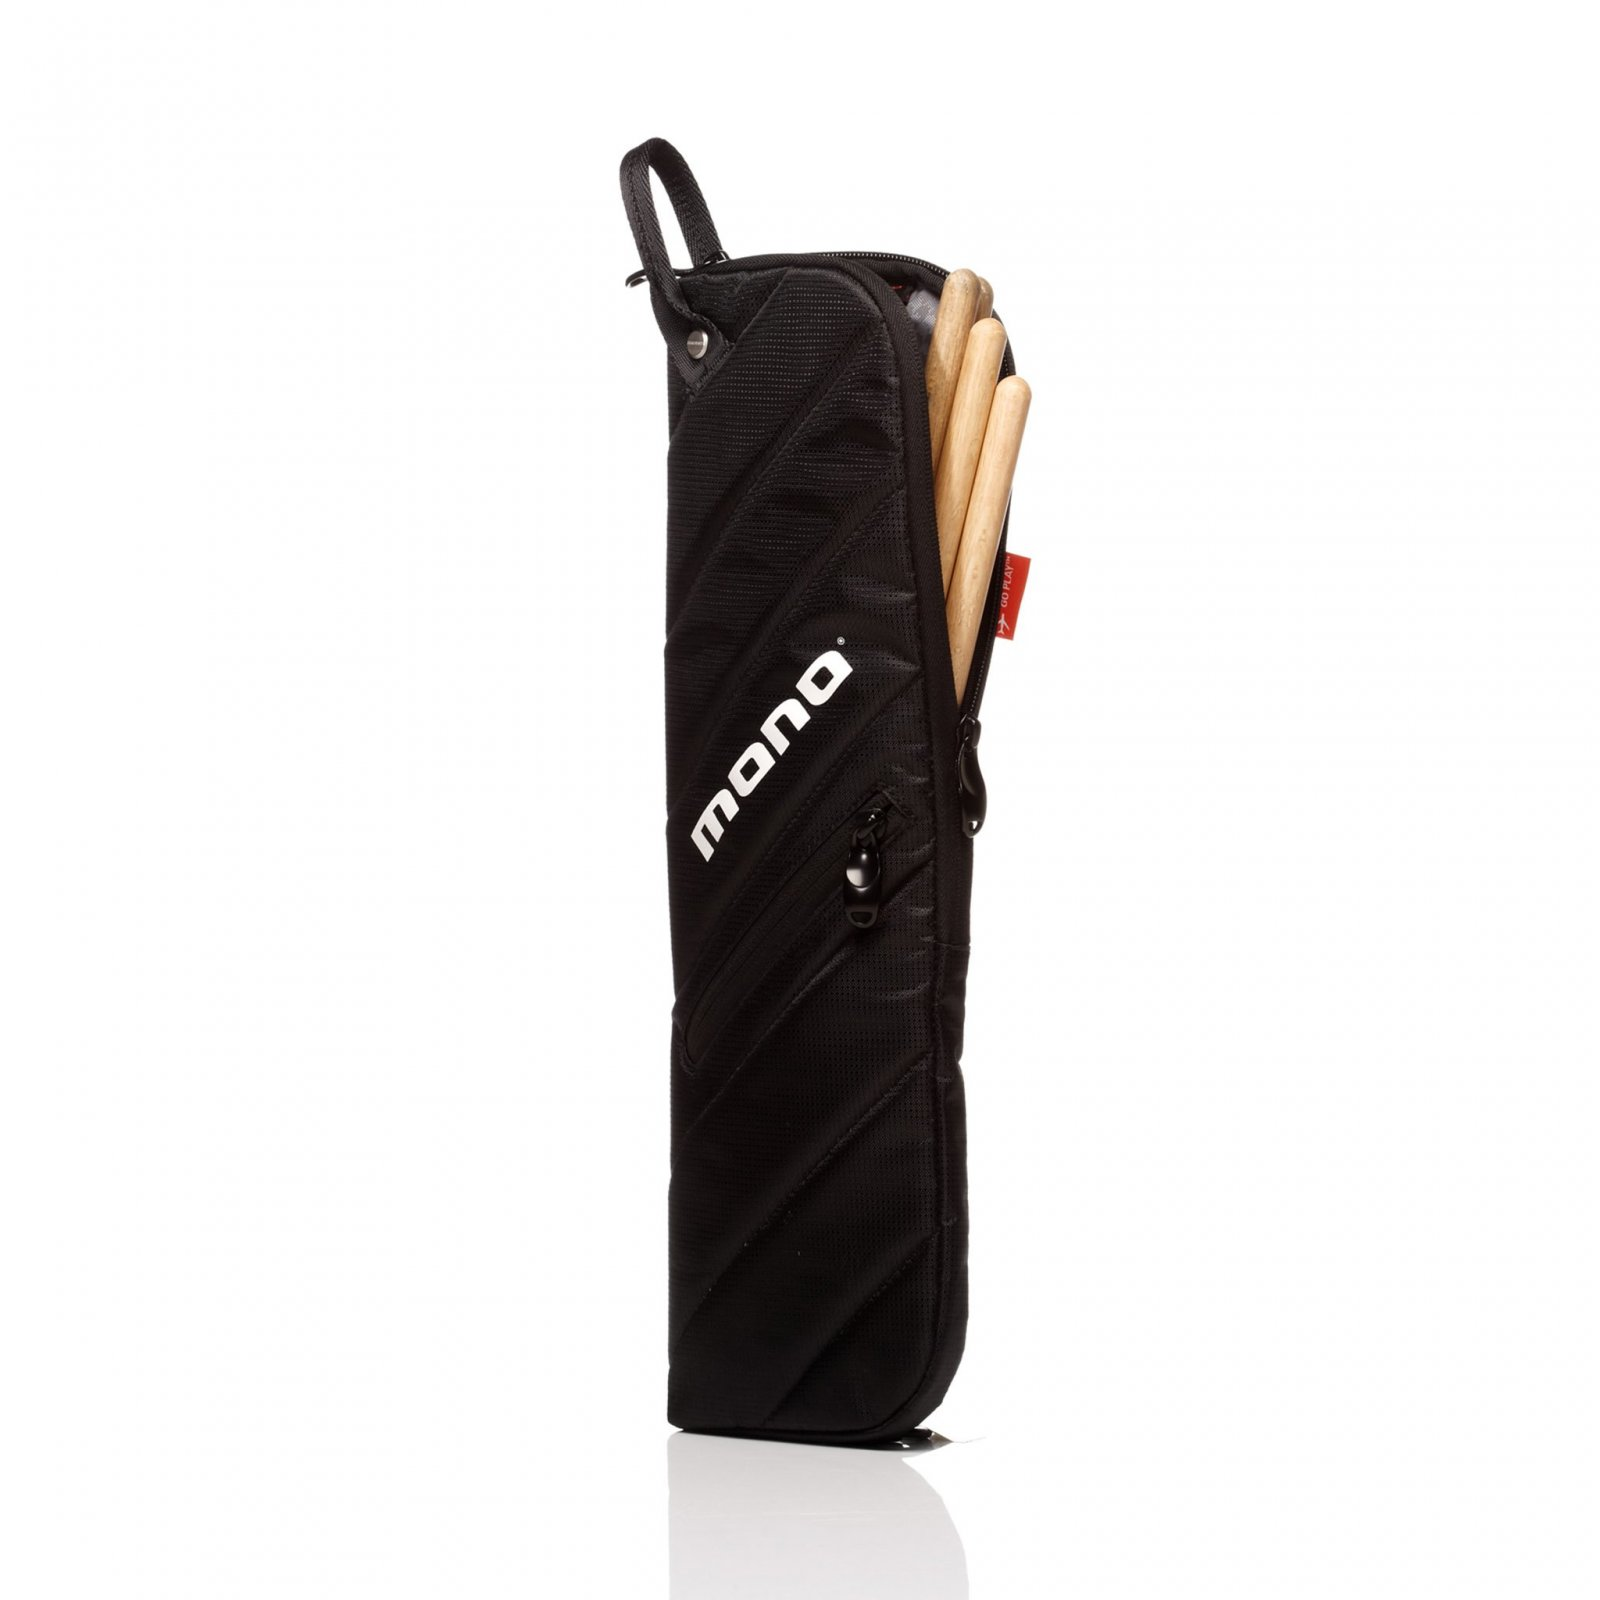 MONO Shogun Stick Bag - Black